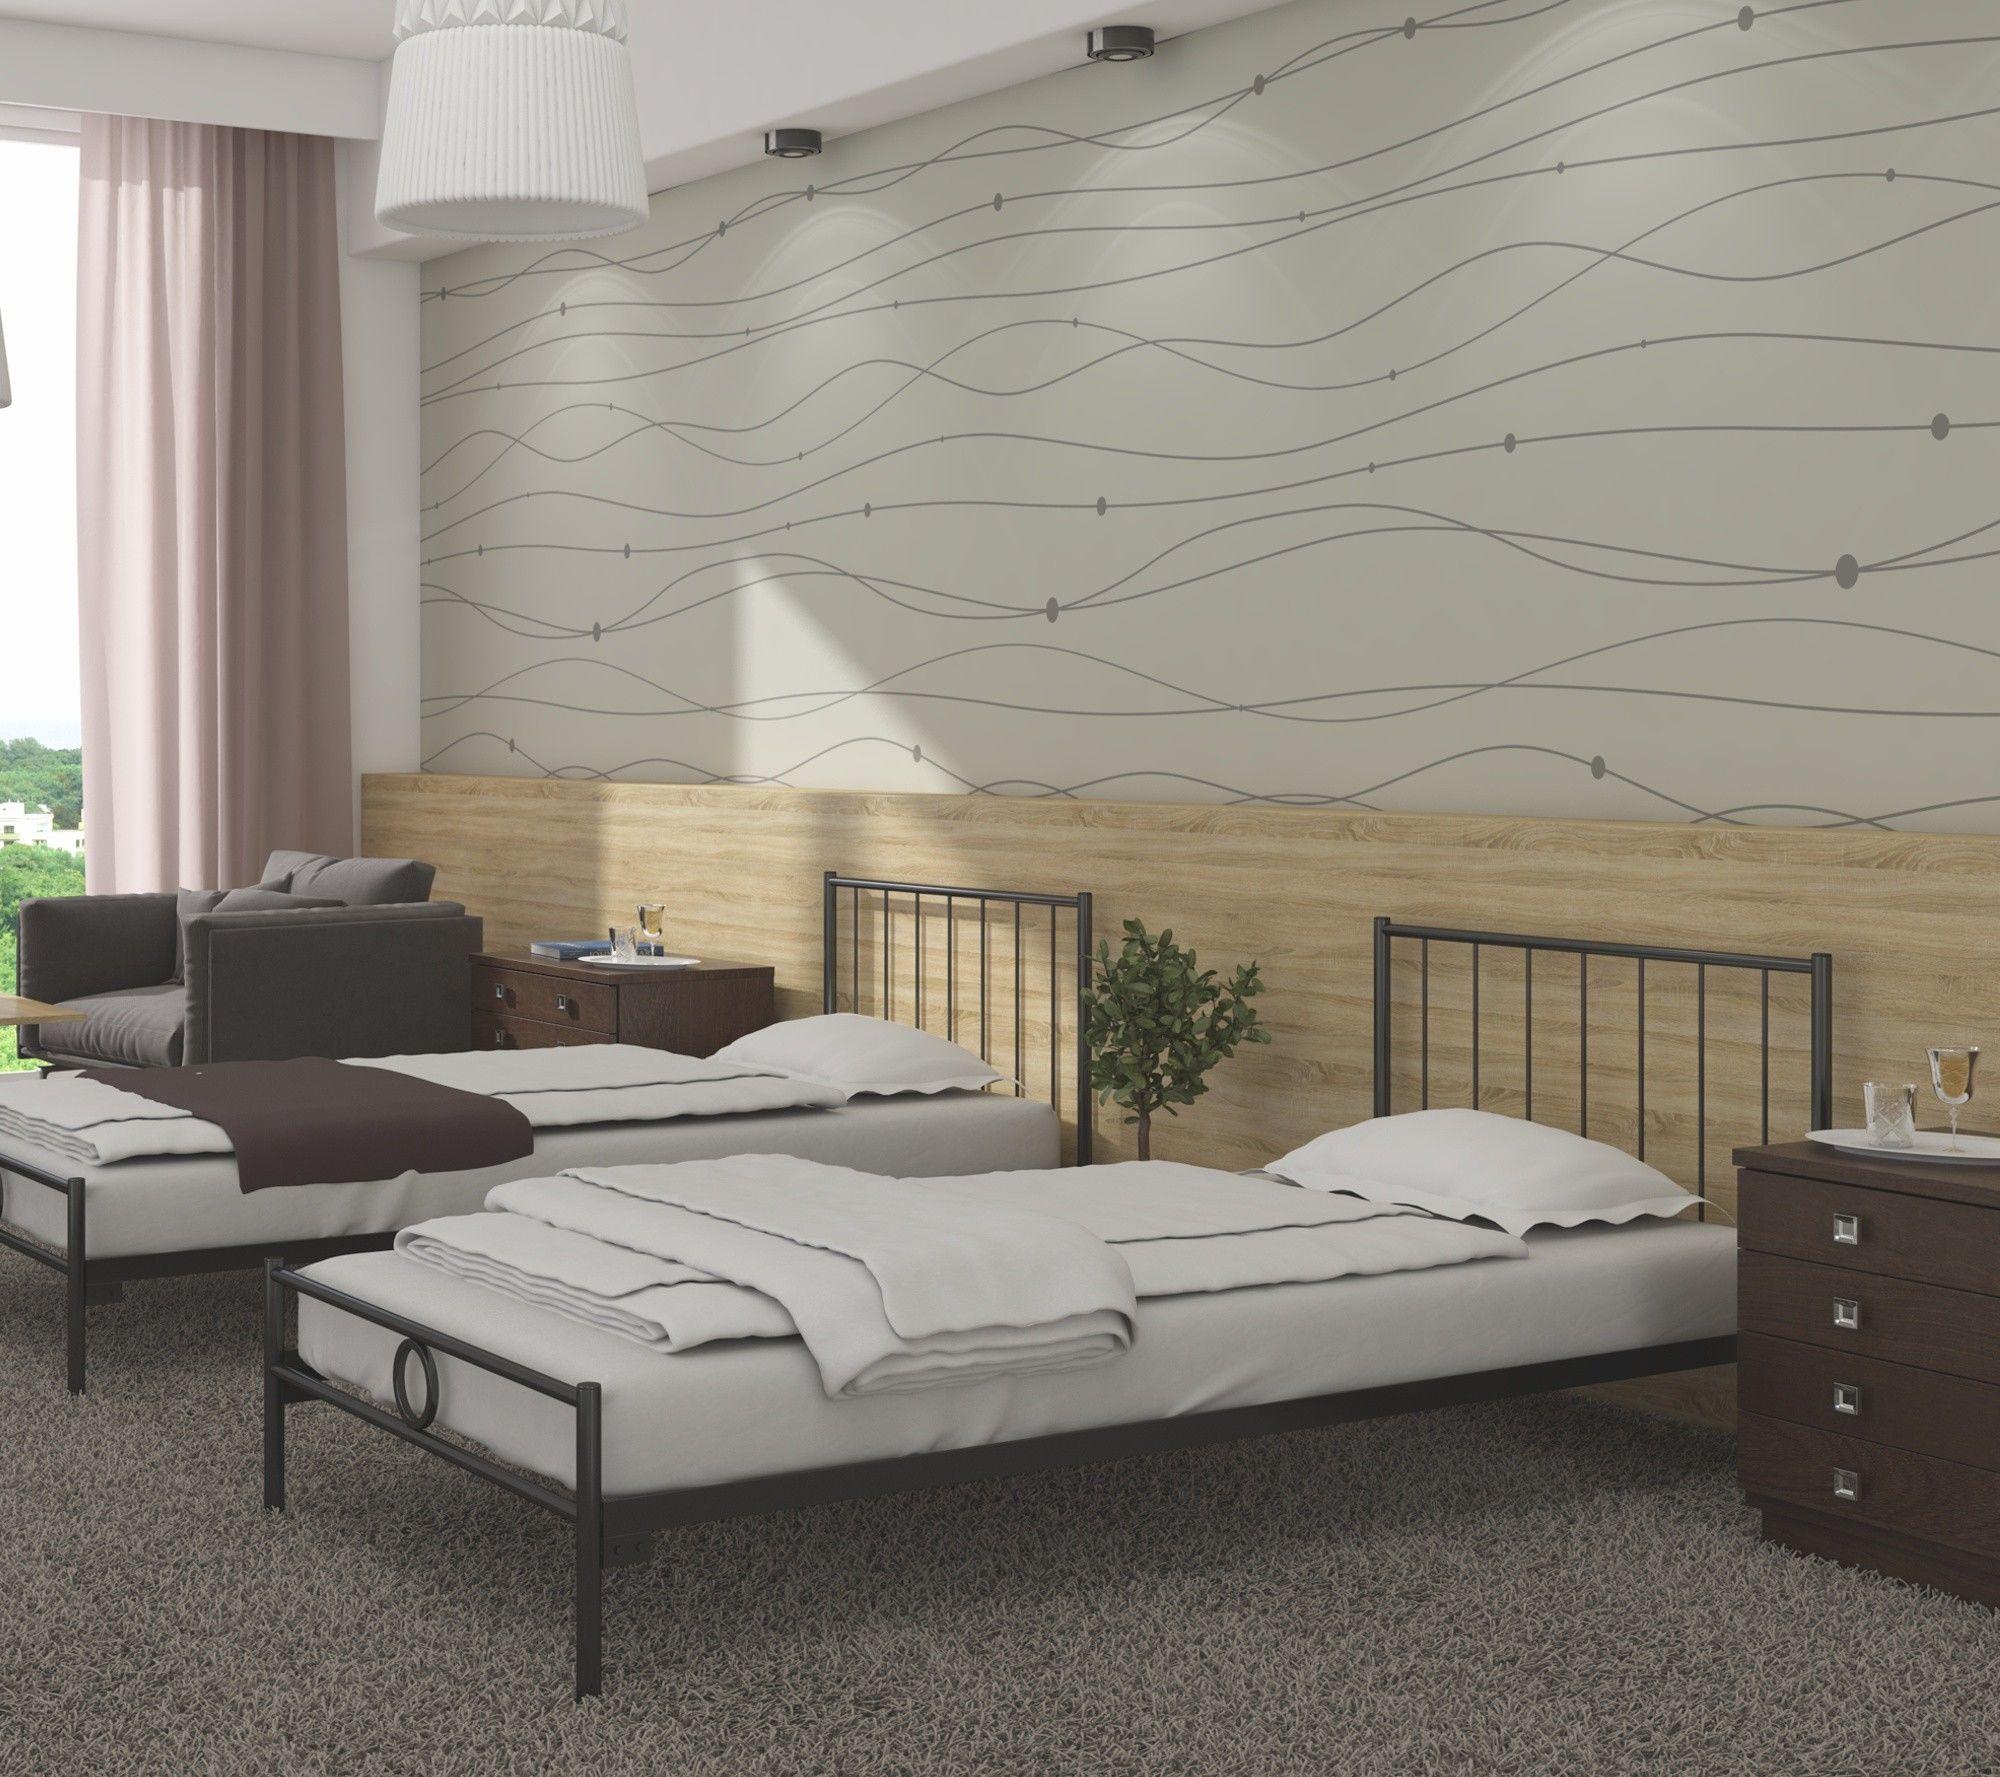 łóżko metalowe 80x200 wzór 3J ze stelażem pod materac